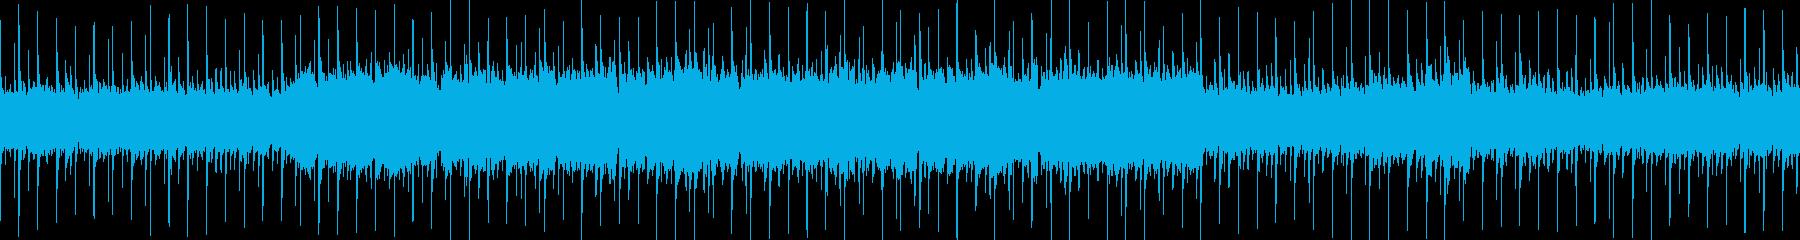 哀愁のあるアコギの伴奏が中心の曲の再生済みの波形